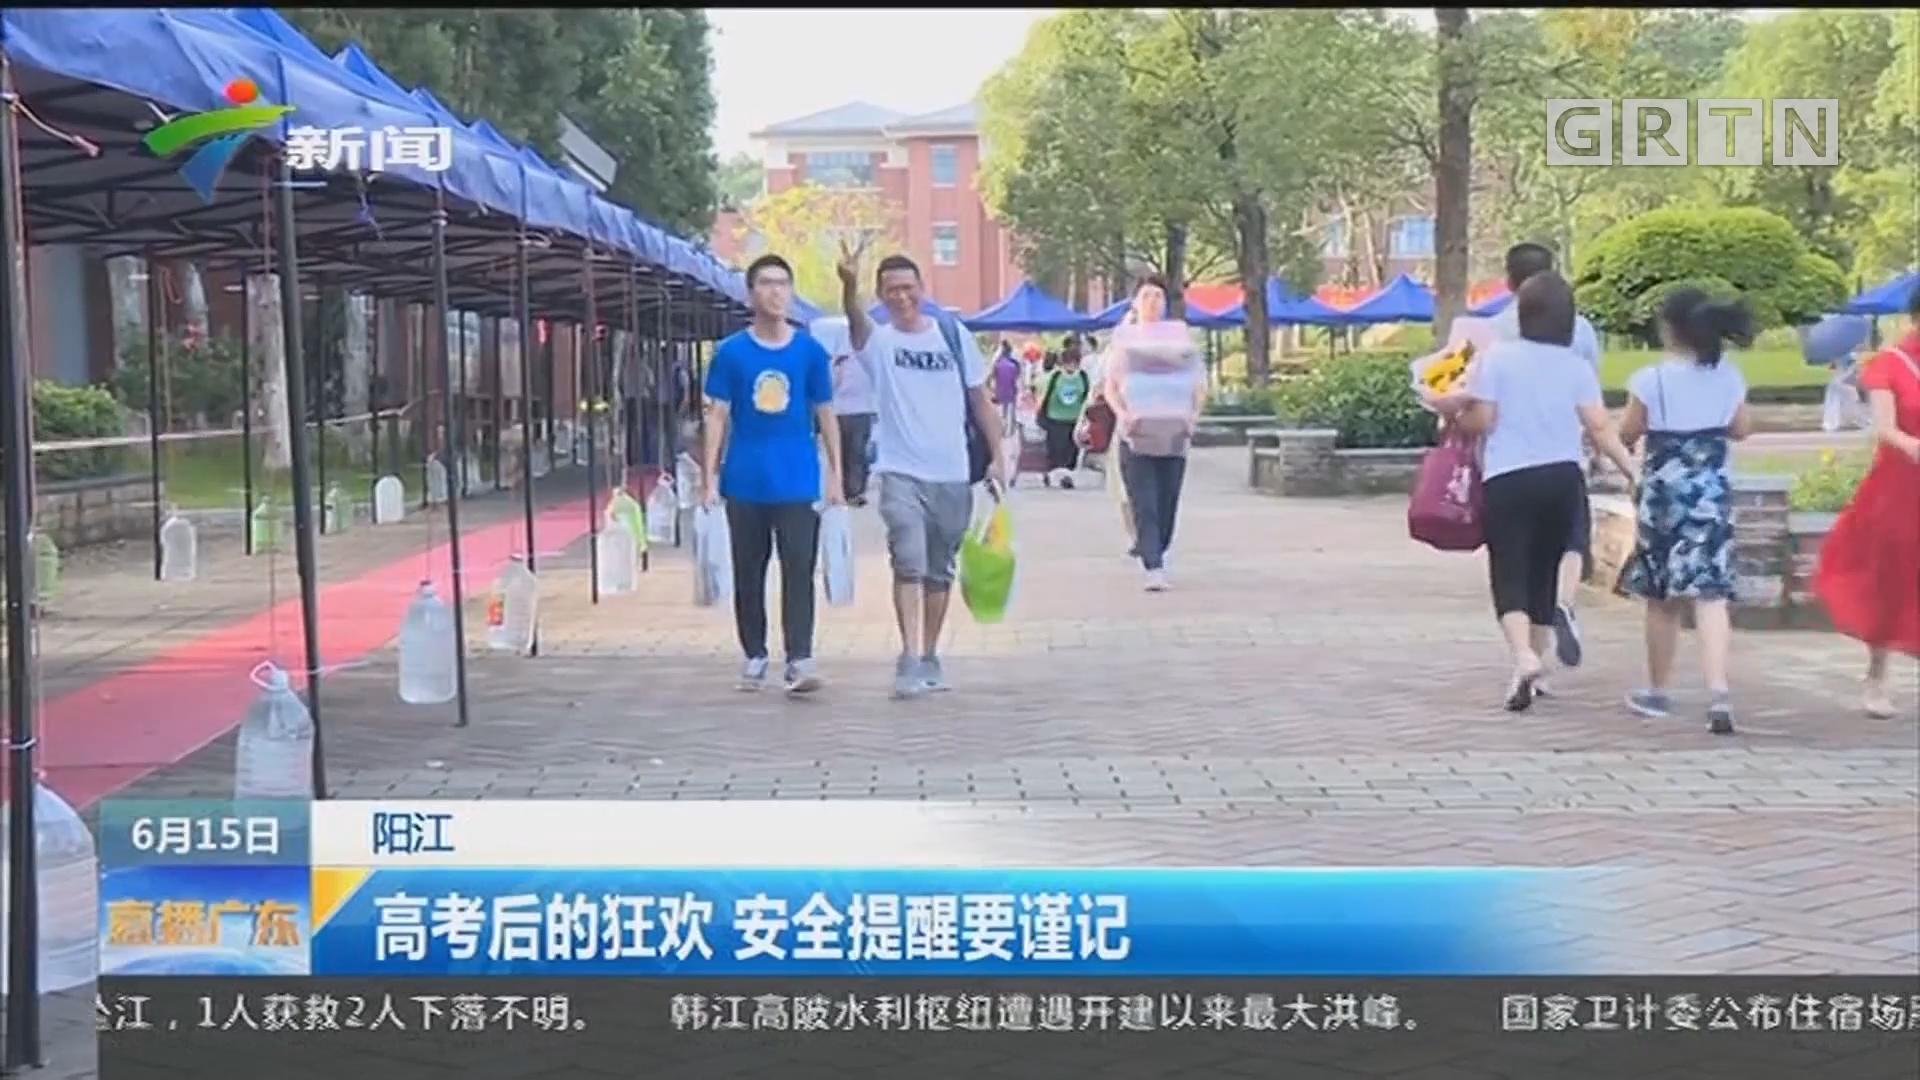 阳江:高考后的狂欢 安全提醒要谨记